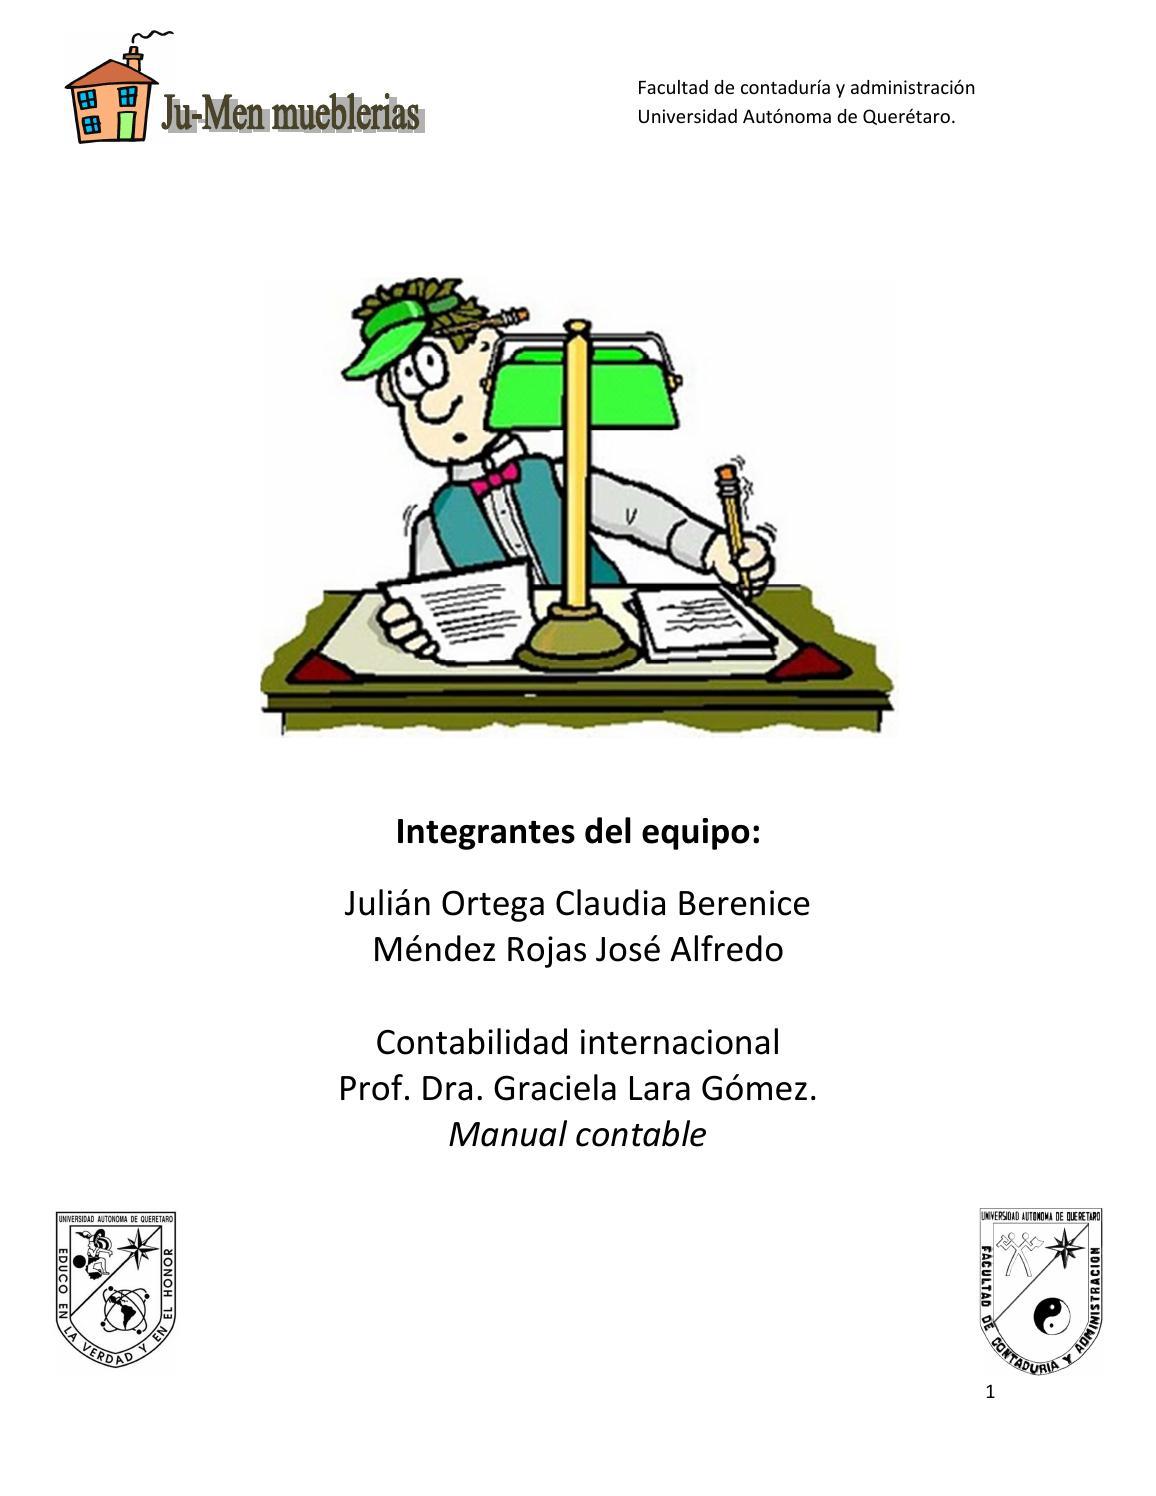 Trabajo Manual Contable Y Catalogo De Cuentas By Claujulian